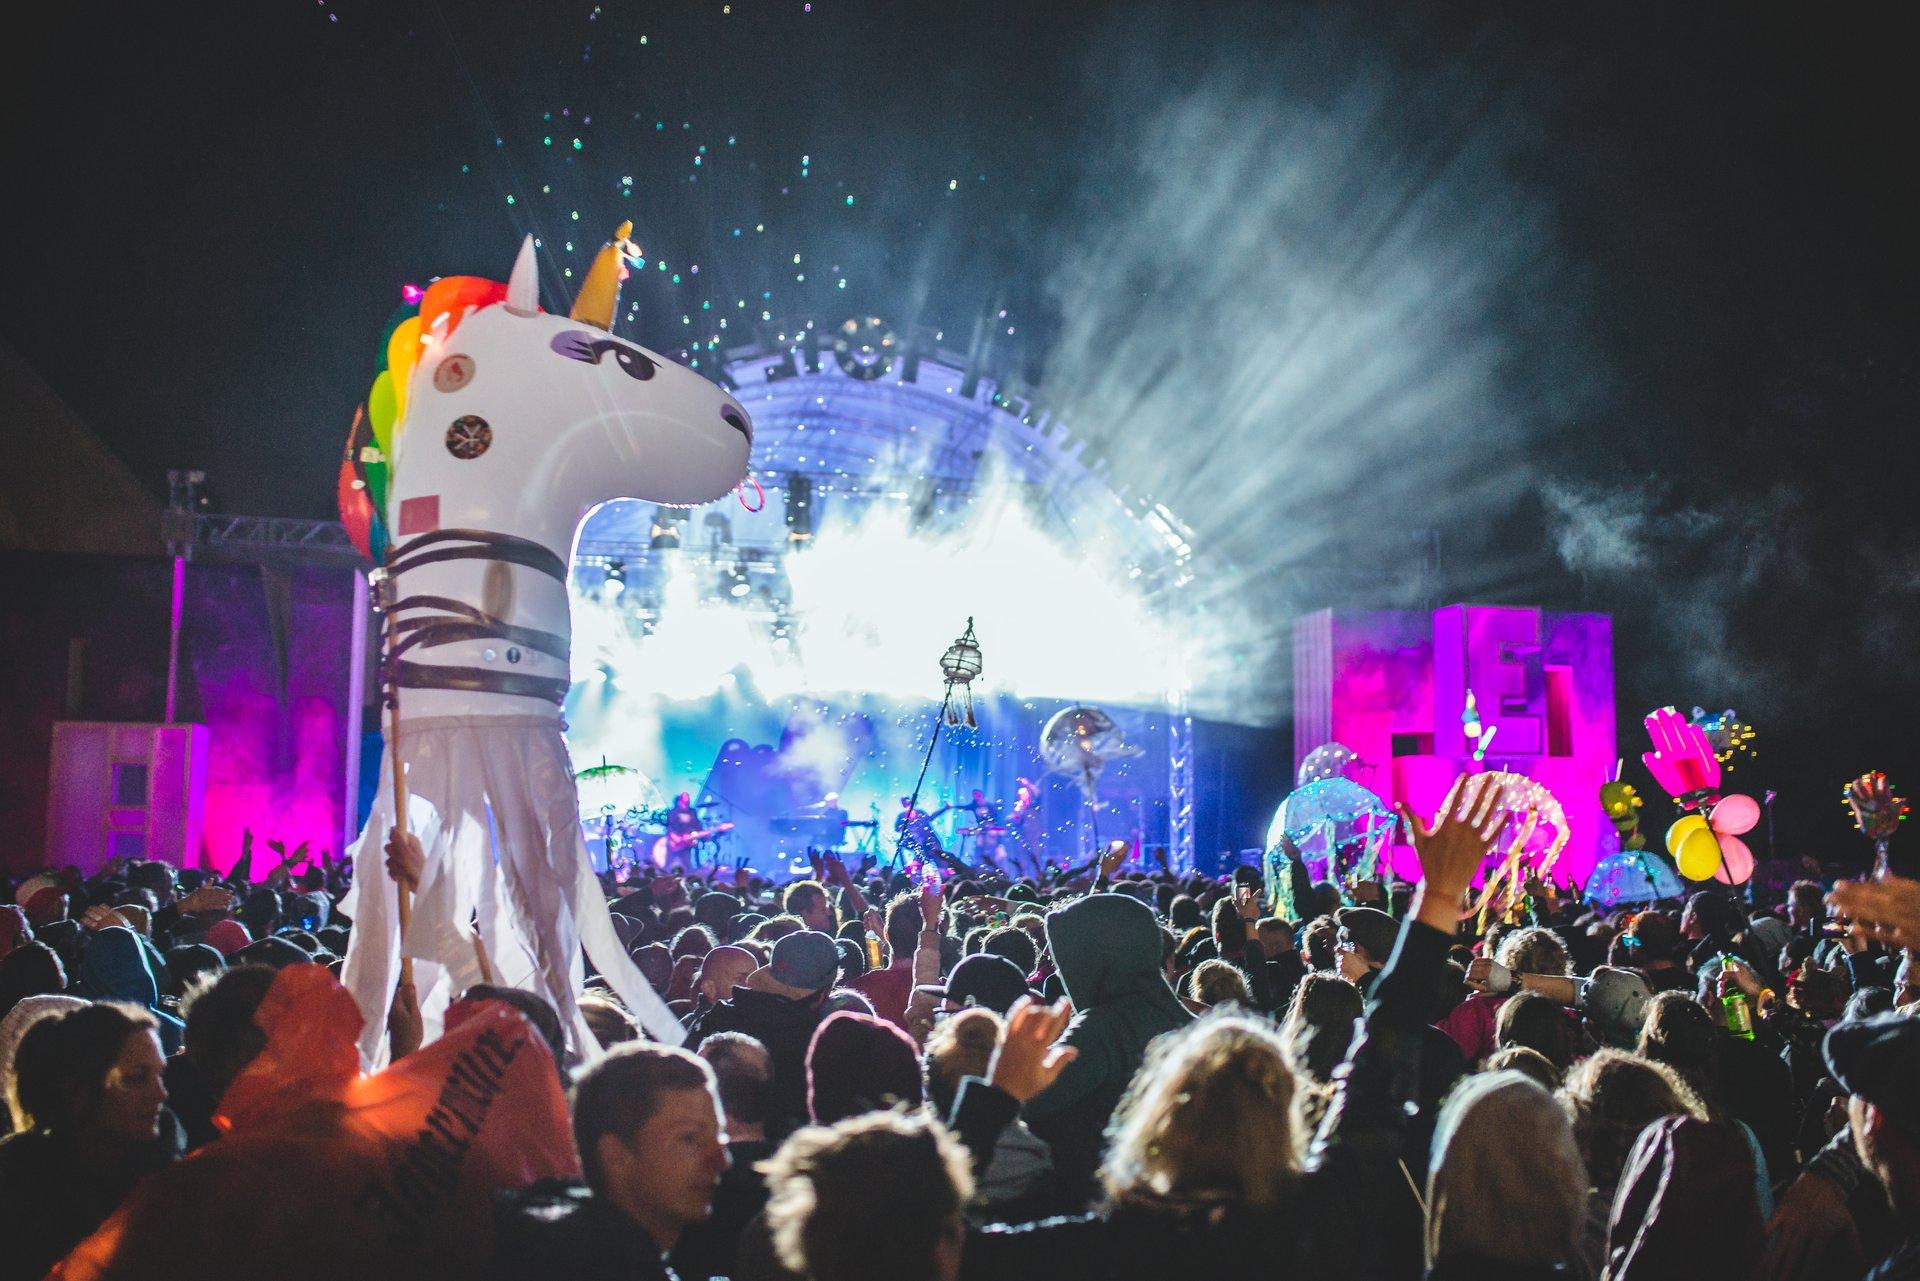 germany-pangea-festival.jpg